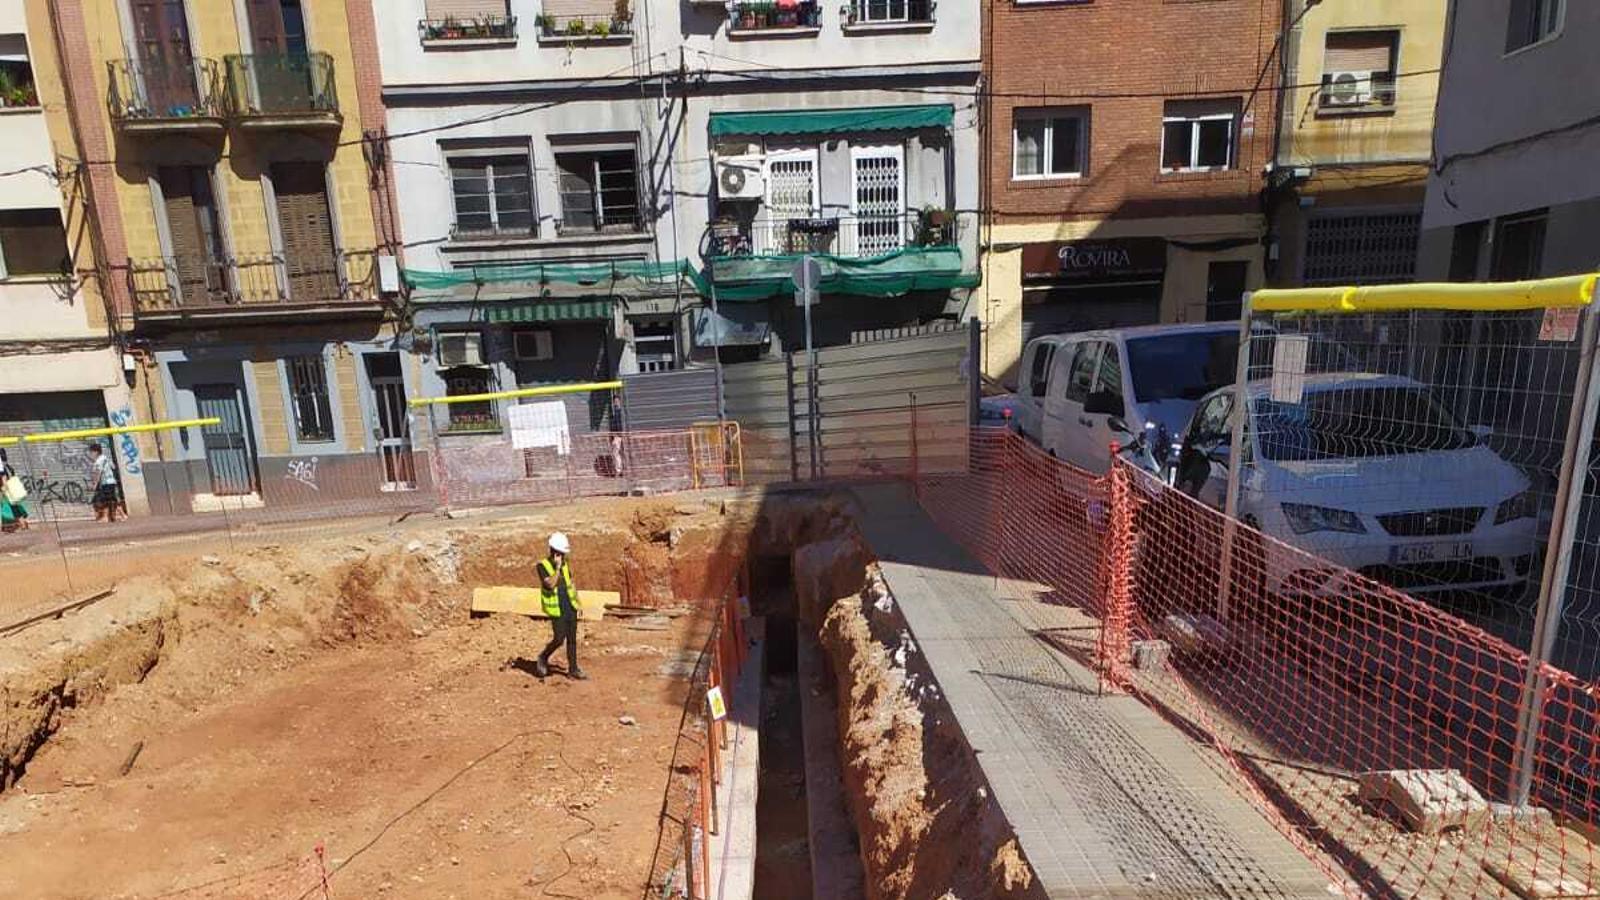 Restes del refugi antiaeri a les bres de l'escola Ernest Lluch de l'Hospitalet de Llobregat